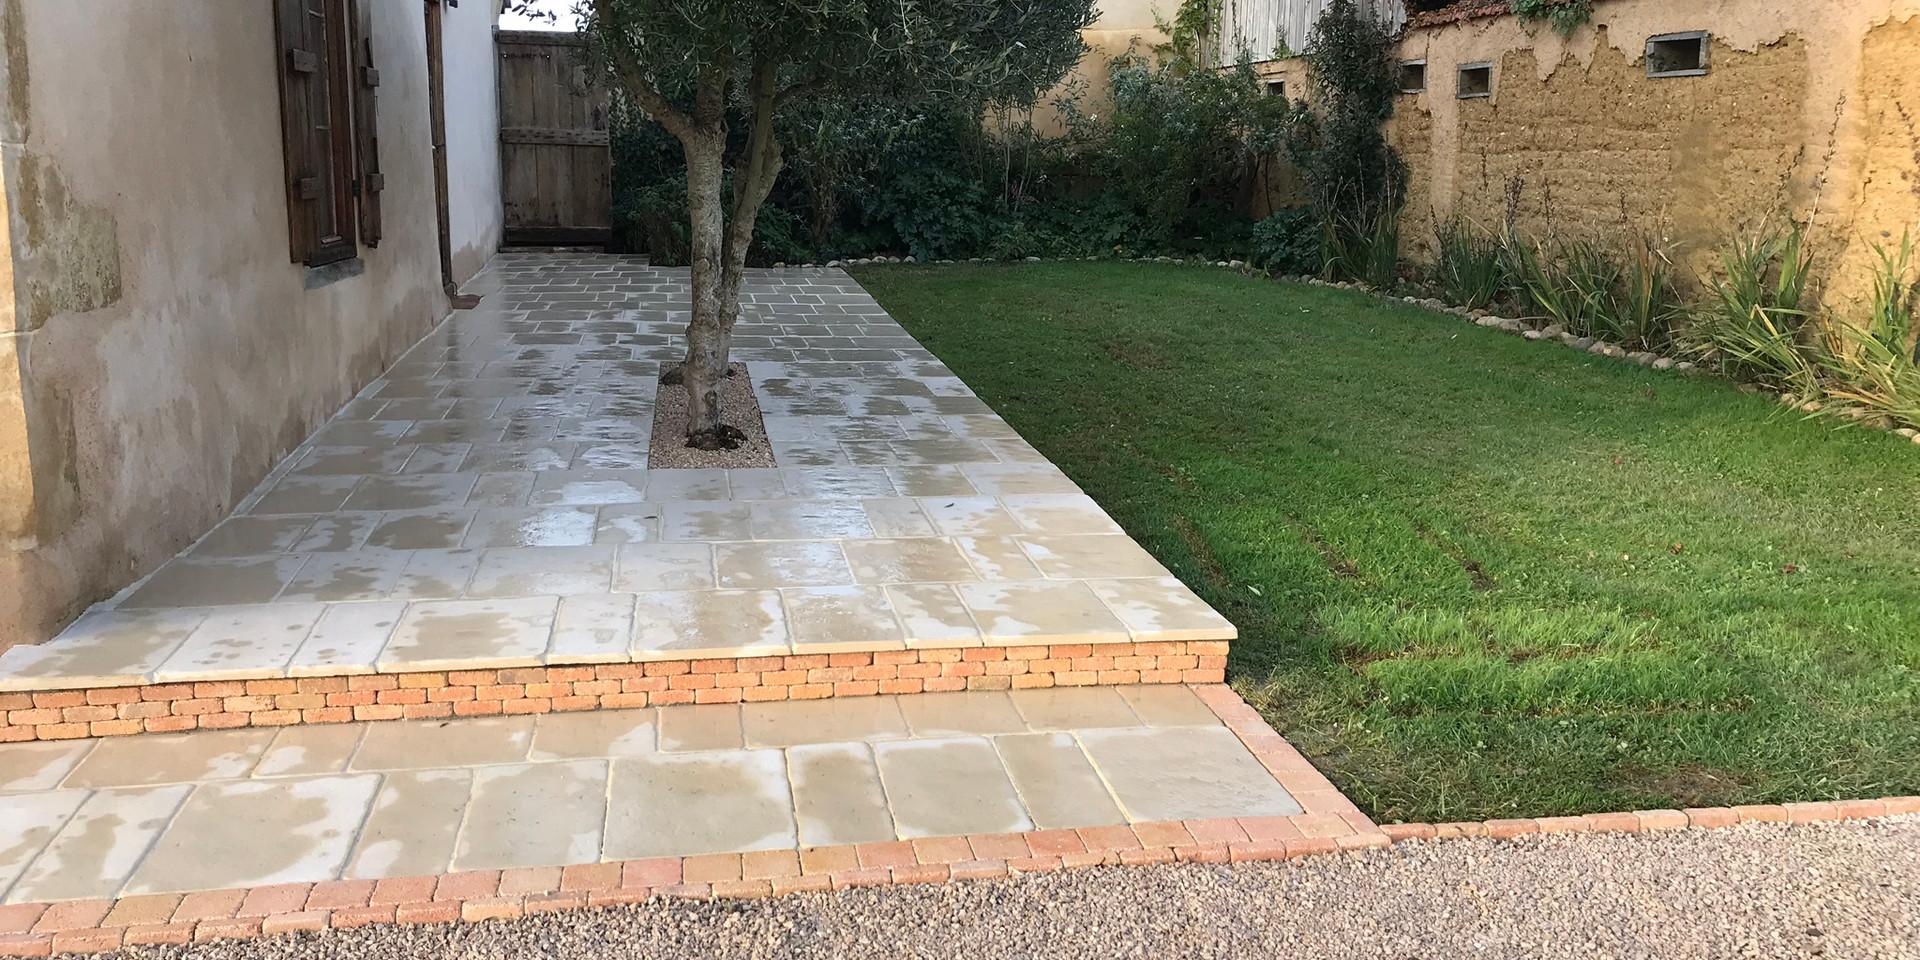 tiling after